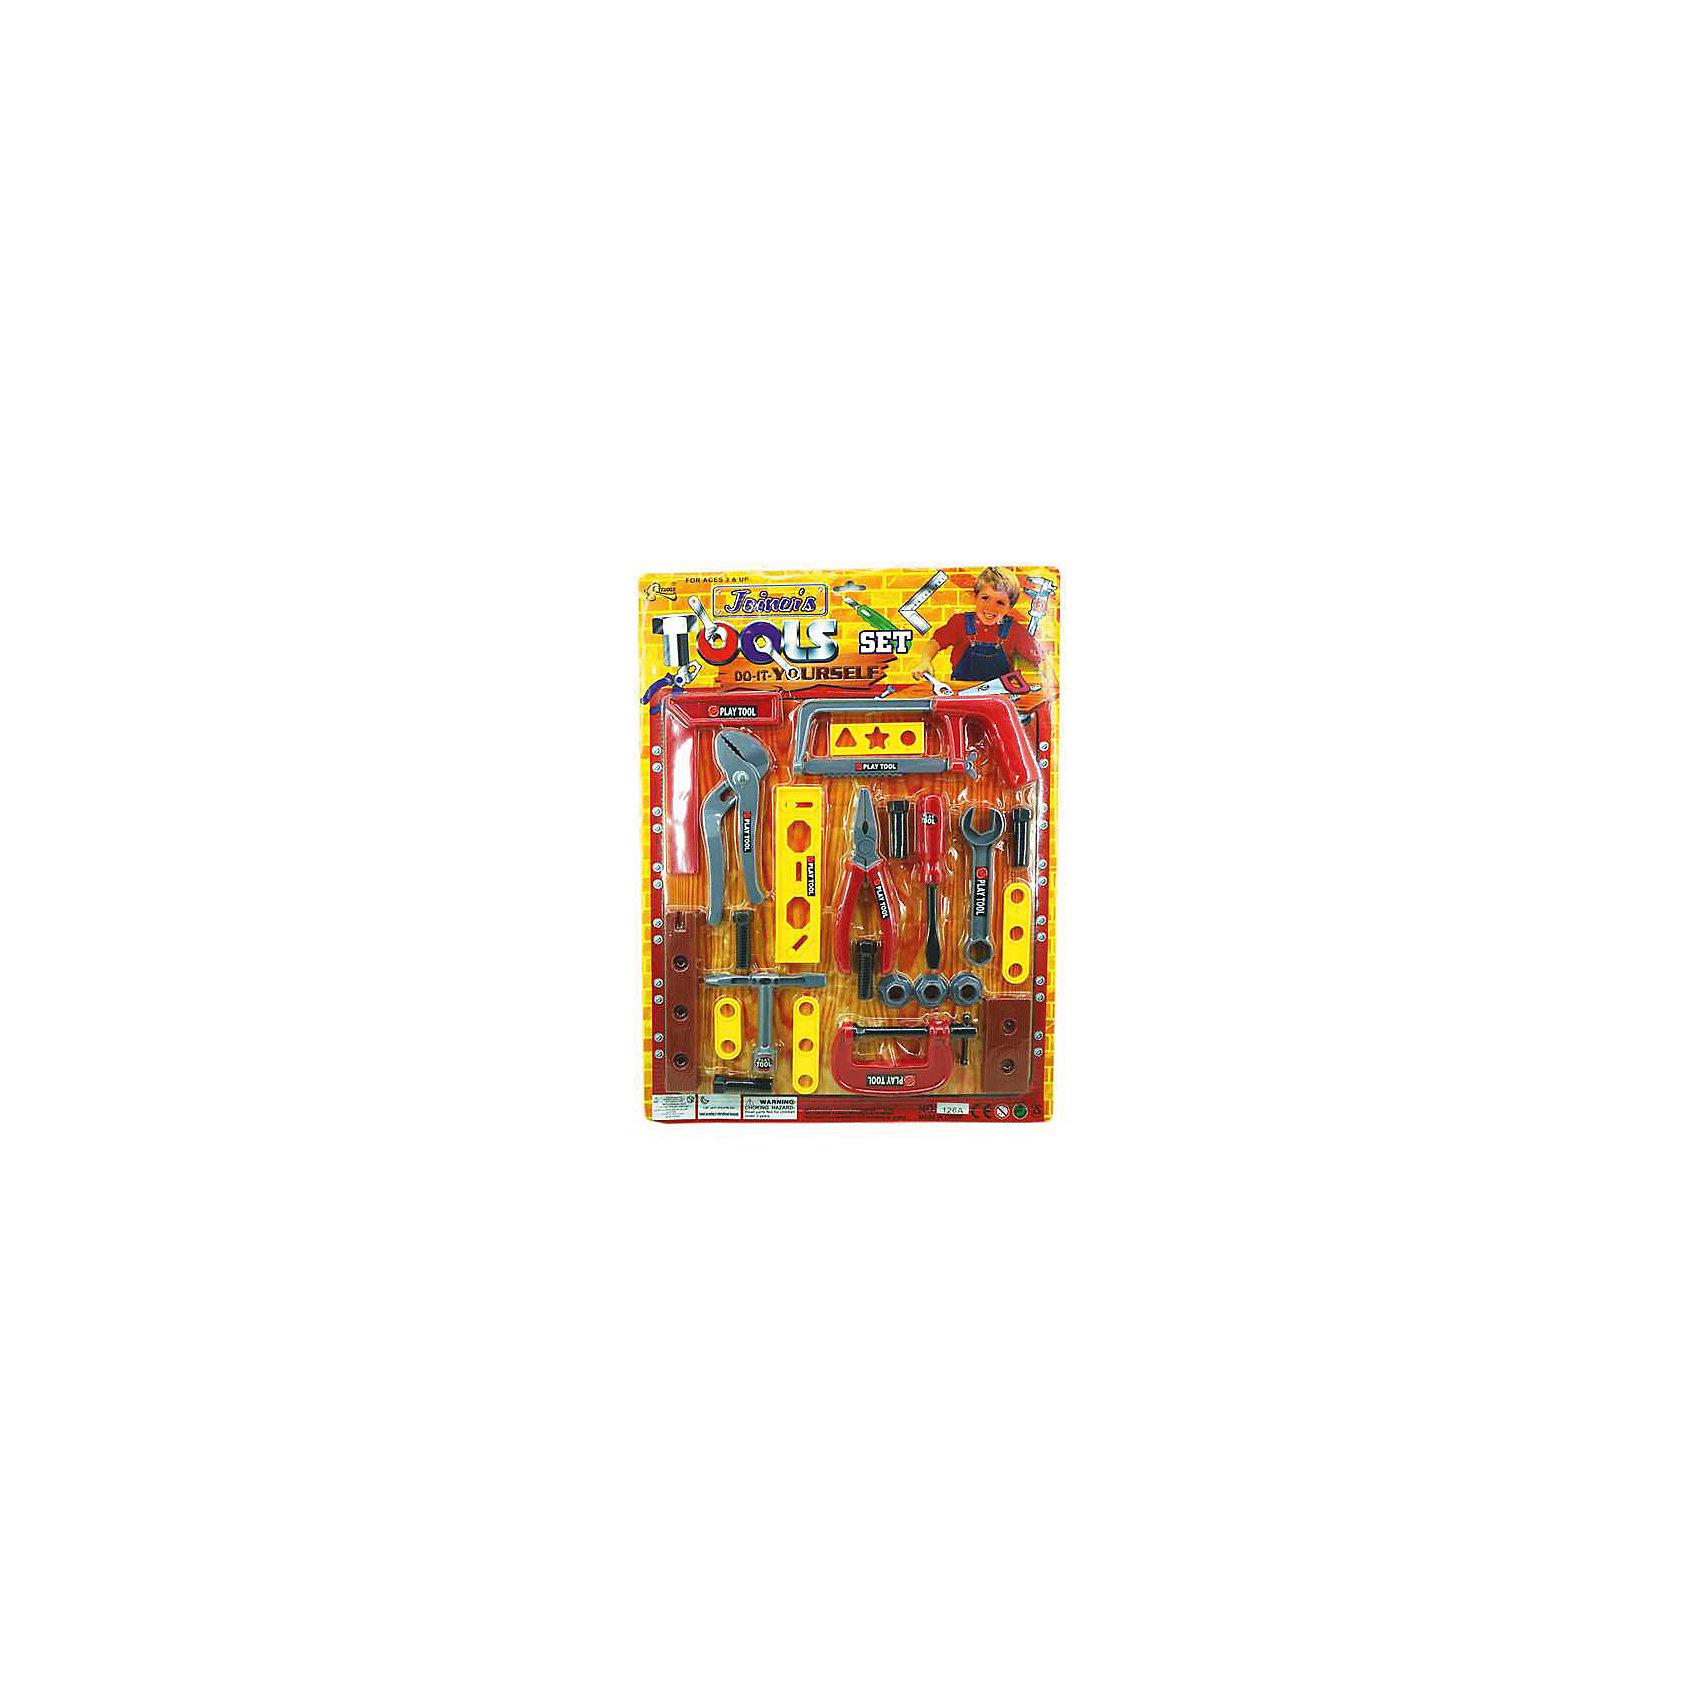 Набор инструментов Домашний ремонт (27 предм.), ALTACTOМастерская и инструменты<br>Набор пластмассовых инструментов на блистере из 27 предметов, в ассортименте.<br><br>Дополнительная информация:<br><br>В ассортименте 2 вида набора:<br>Комплектация 1: столярный угольник, баллонный ключ, плоскогубцы, переставные плоскогубцы, ножовка, гайки, болты, отвертка, рожковый ключ, струбцина и прочий инструмент.<br>Комплектация 2: молоток, болты и гайки, отвертка, клин, плоскогубцы, шпатель, разводной ключ и прочий инструмент.<br><br>ВНИМАНИЕ! Данный артикул представлен в разных вариантах исполнения. К сожалению, заранее выбрать определенный вариант невозможно.<br><br>Набор инструментов Домашний ремонт (27 предм.), ALTACTO можно купить в нашем магазине.<br><br>Ширина мм: 520<br>Глубина мм: 385<br>Высота мм: 20<br>Вес г: 250<br>Возраст от месяцев: 36<br>Возраст до месяцев: 72<br>Пол: Мужской<br>Возраст: Детский<br>SKU: 4590222